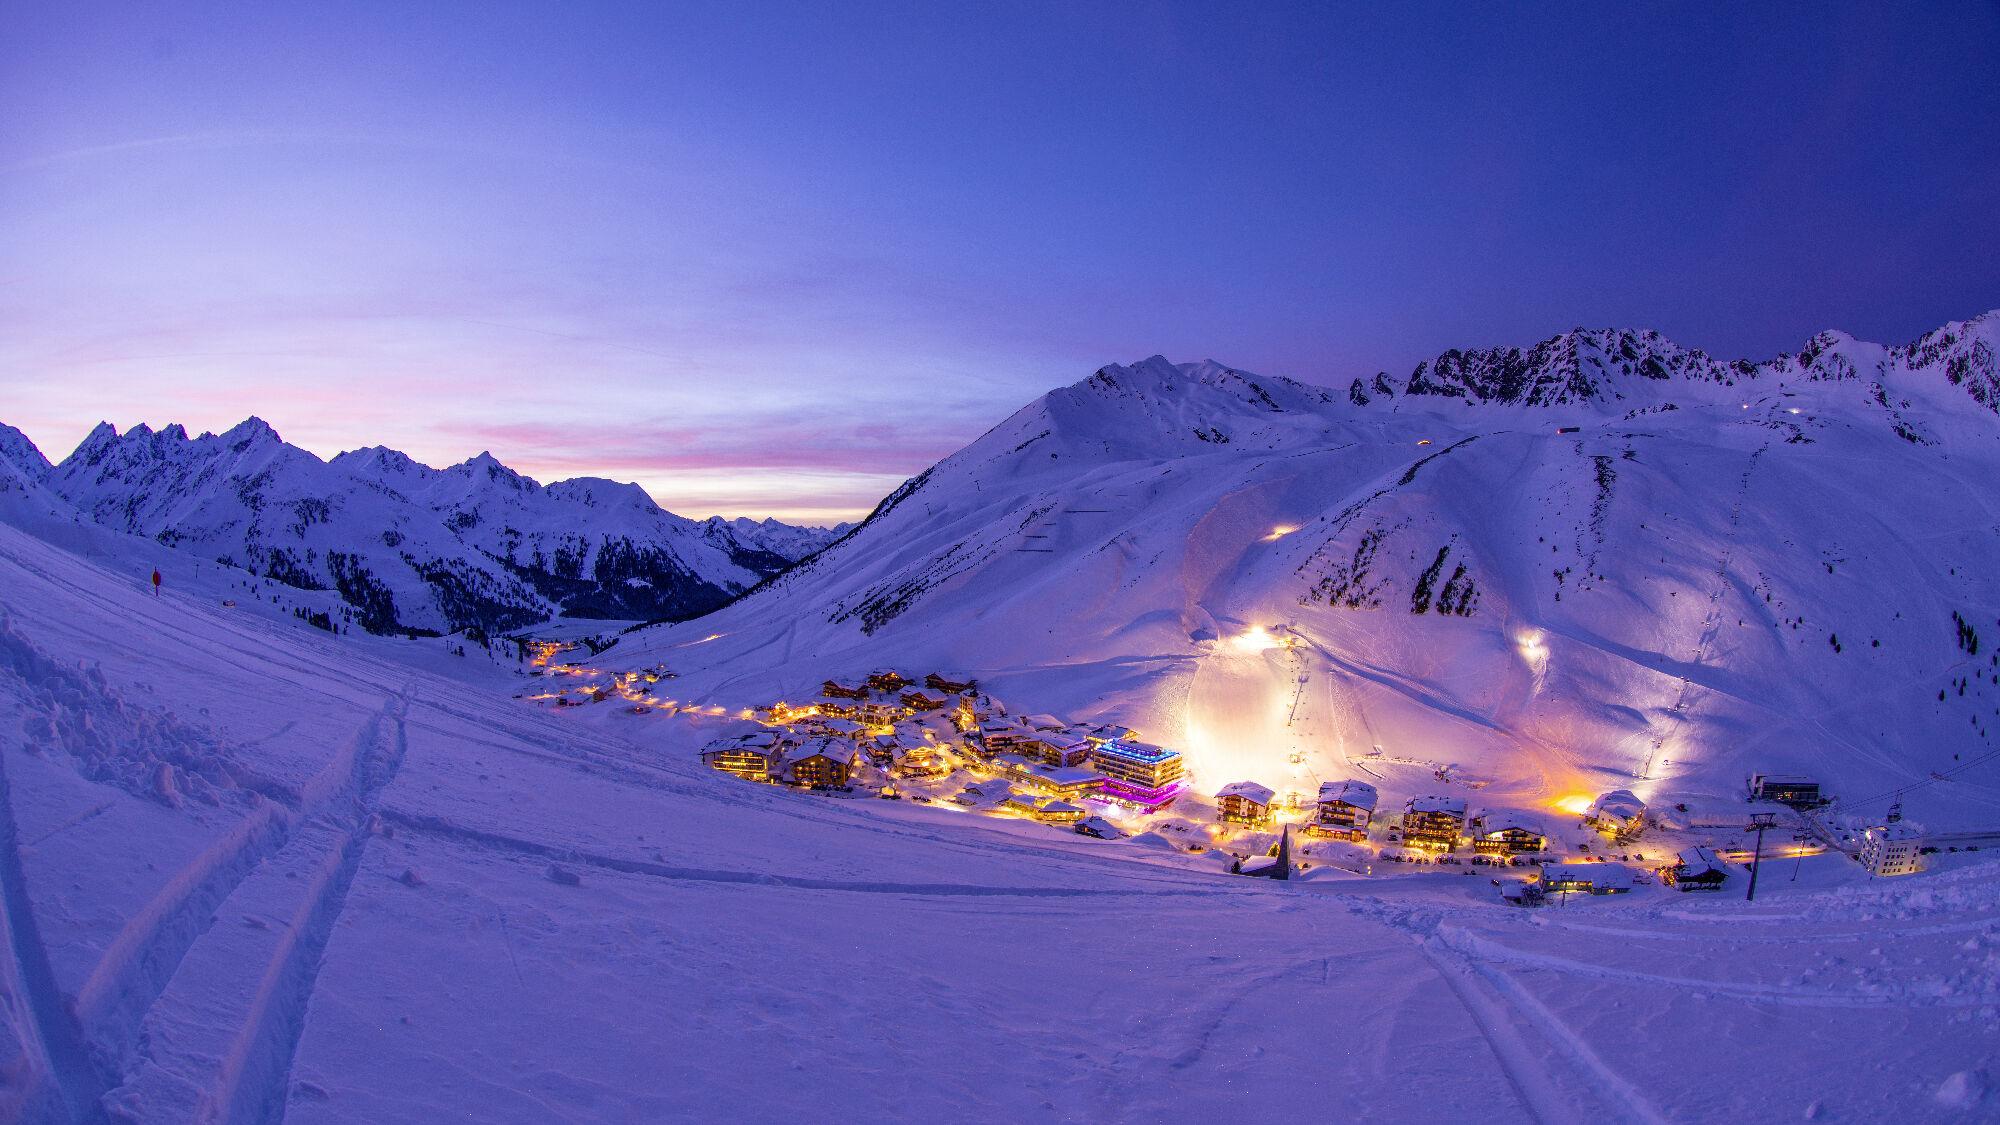 Das Ski Resort Kühtai – auf 2020 Metern Höhe ist der höchstgelegene Ski-Weltcup-Ort Österreichs und